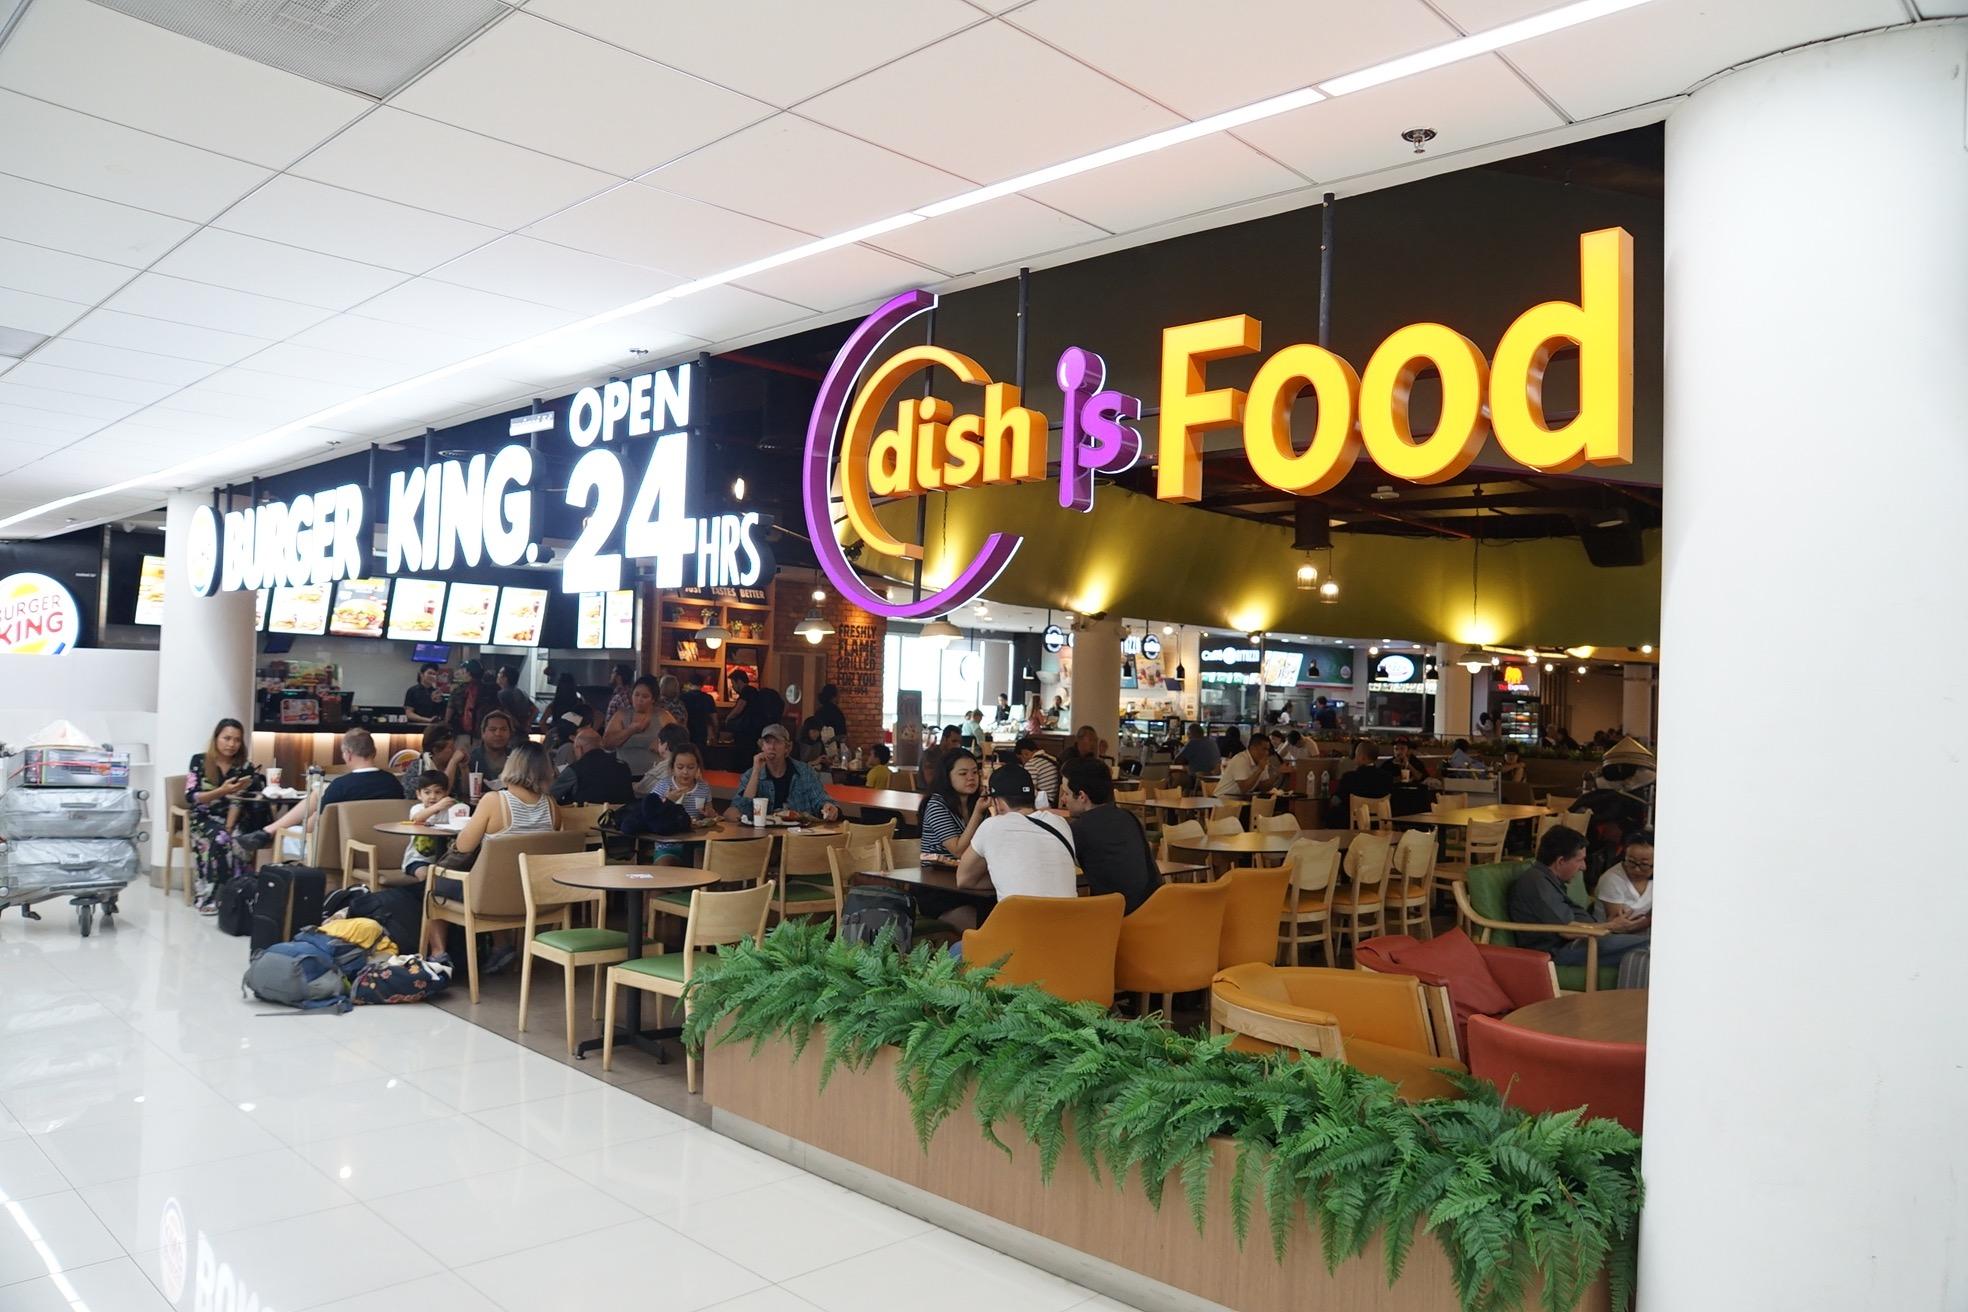 ทานอะไรดี เมื่อต้องใช้บริการสนามบินดอนเมือง [ ตอน 1 ]